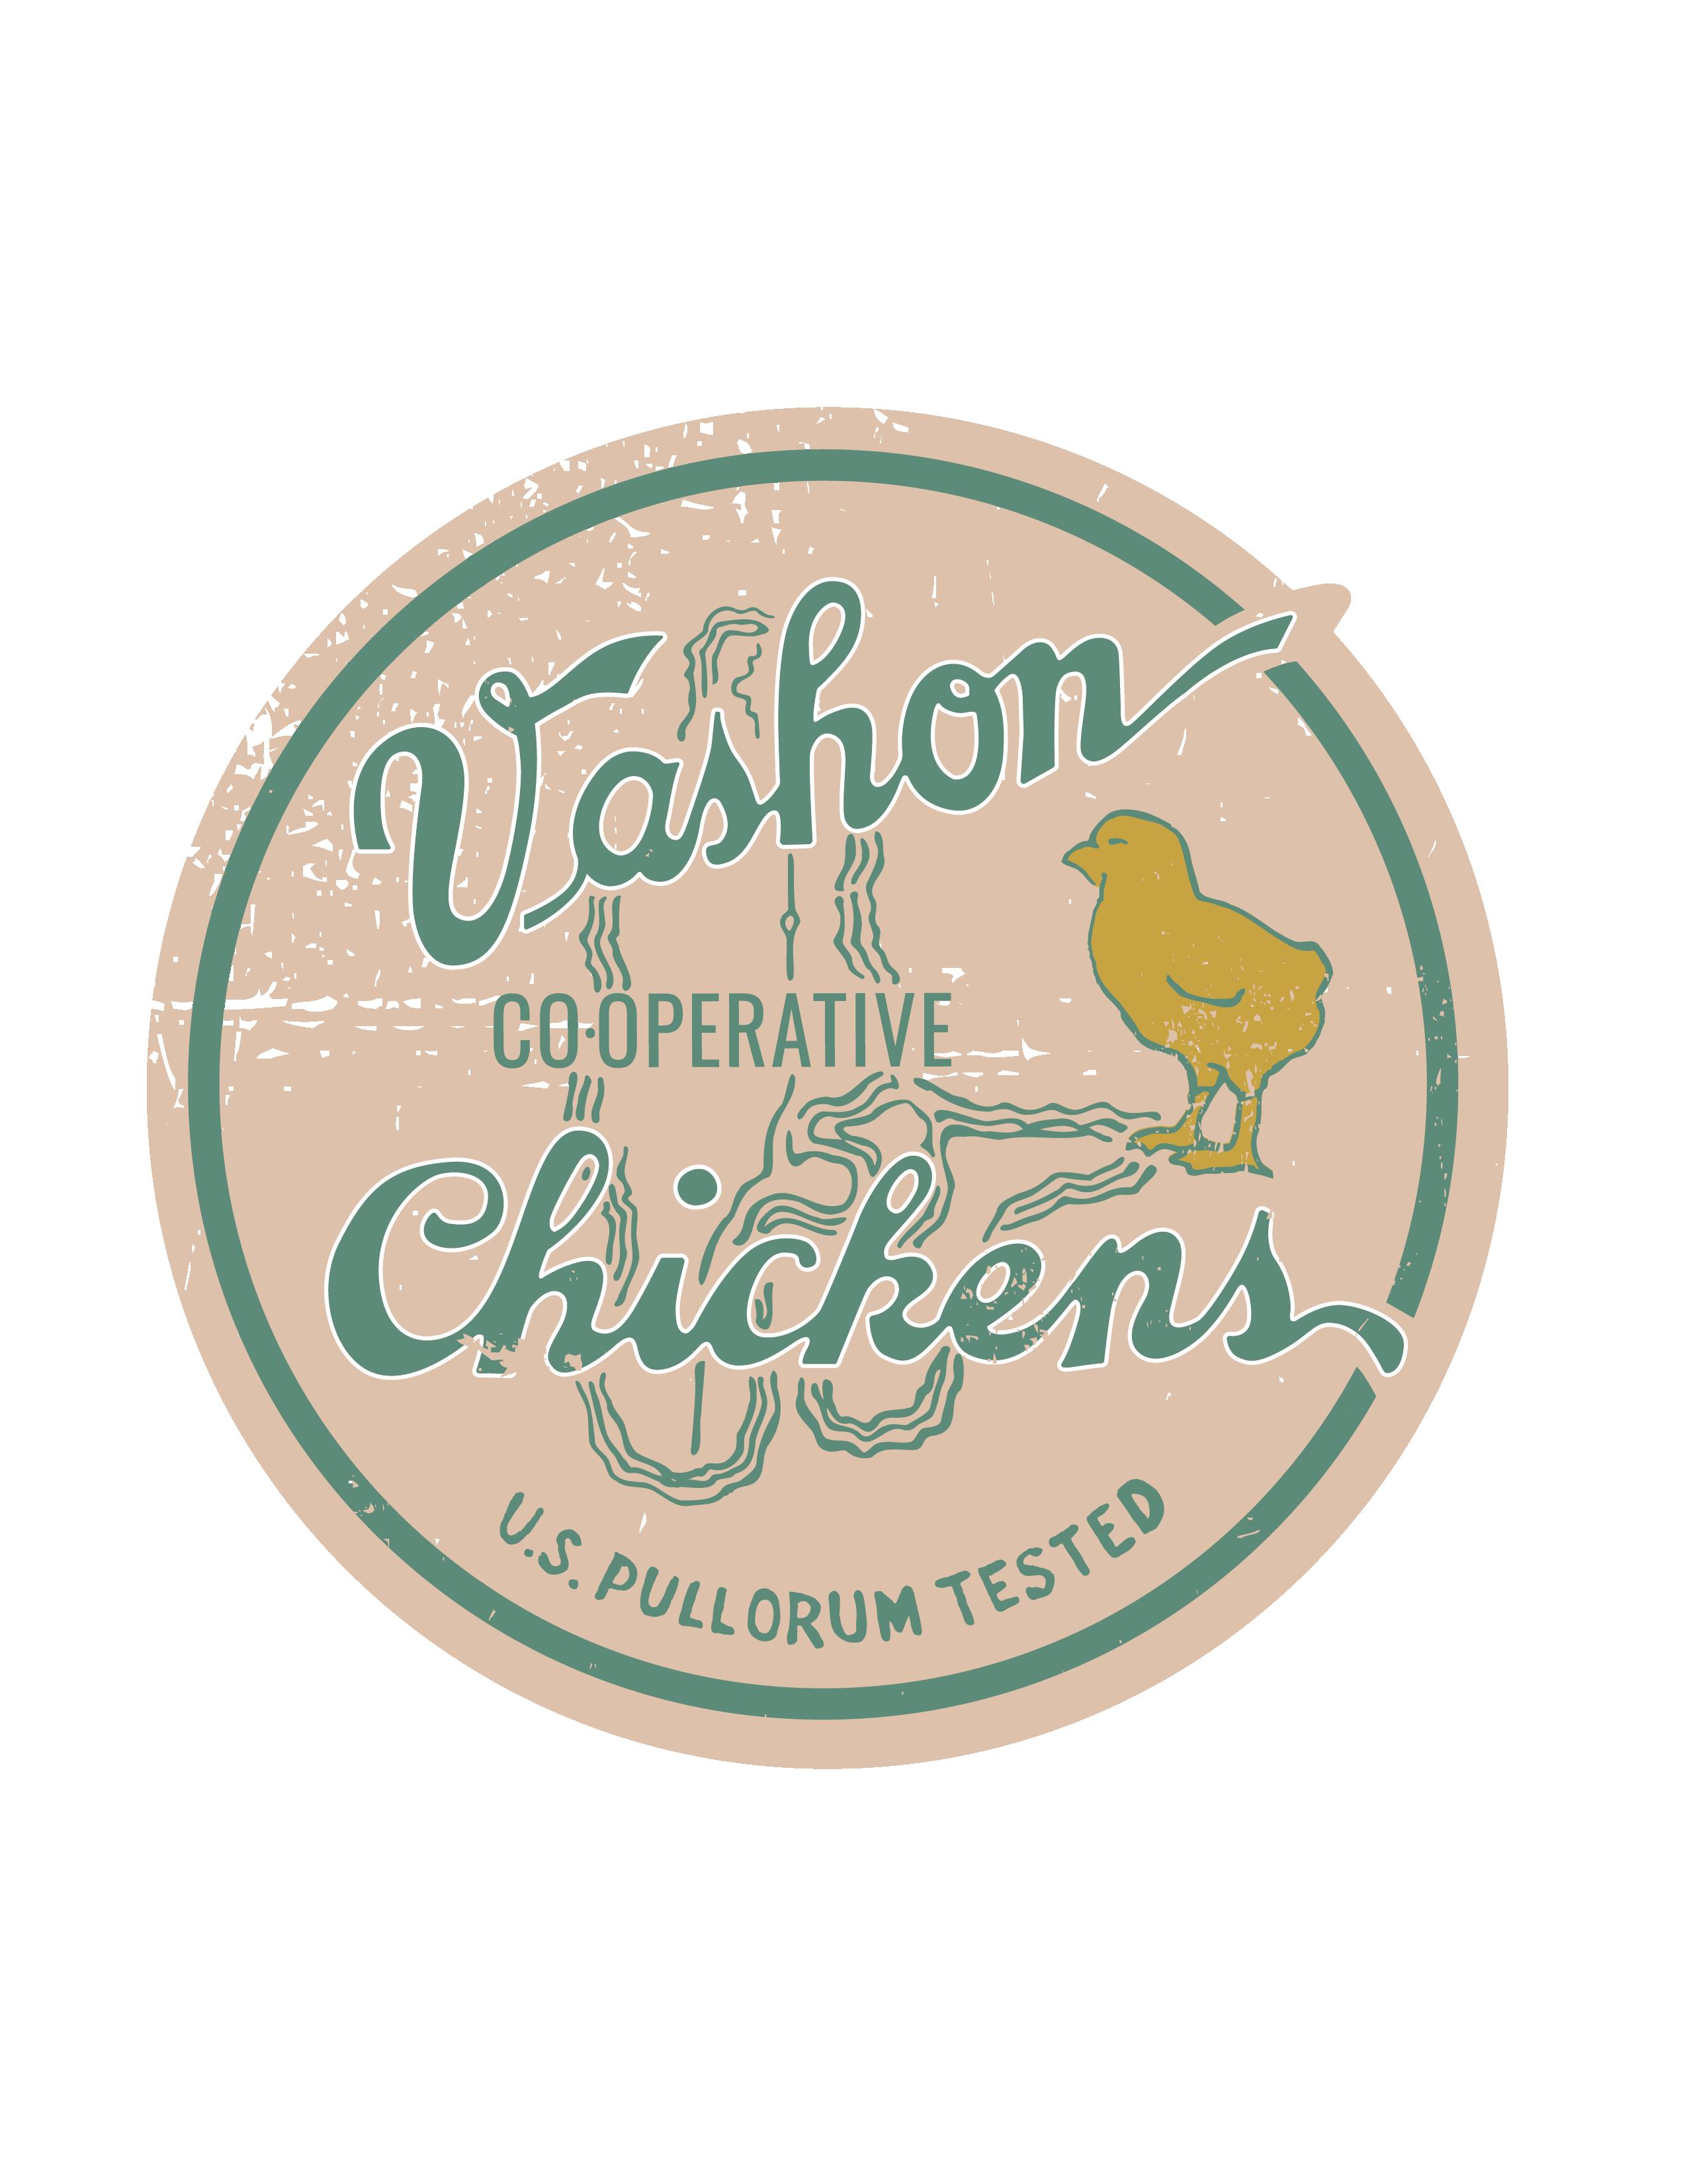 Vashon_Chicken_Graphic-08